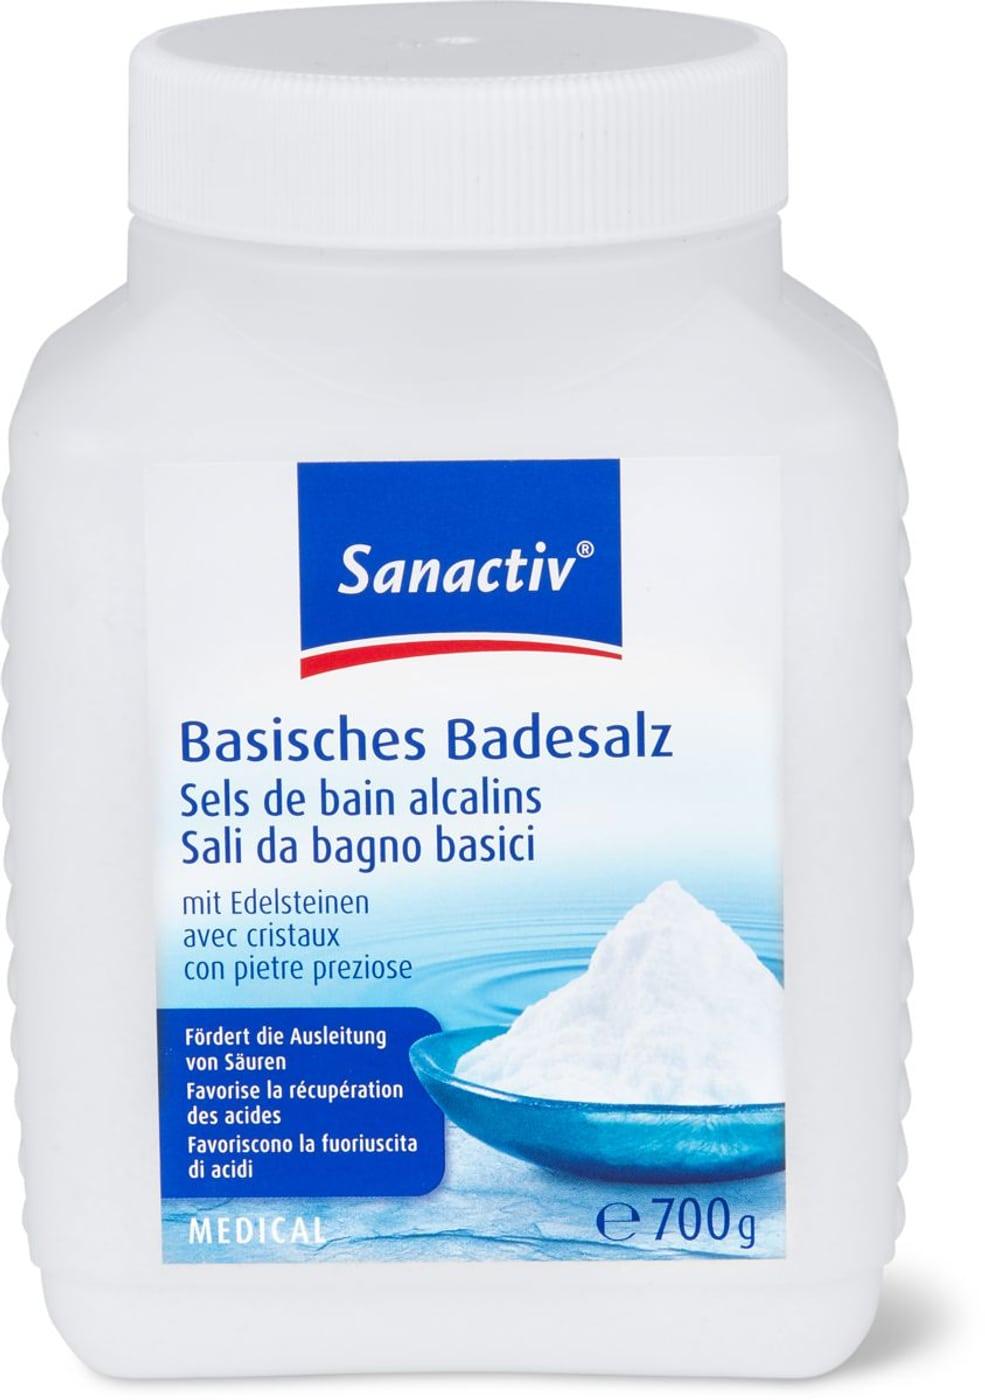 Sanactiv Basisches Badesalz Medizinprodukt | Migros